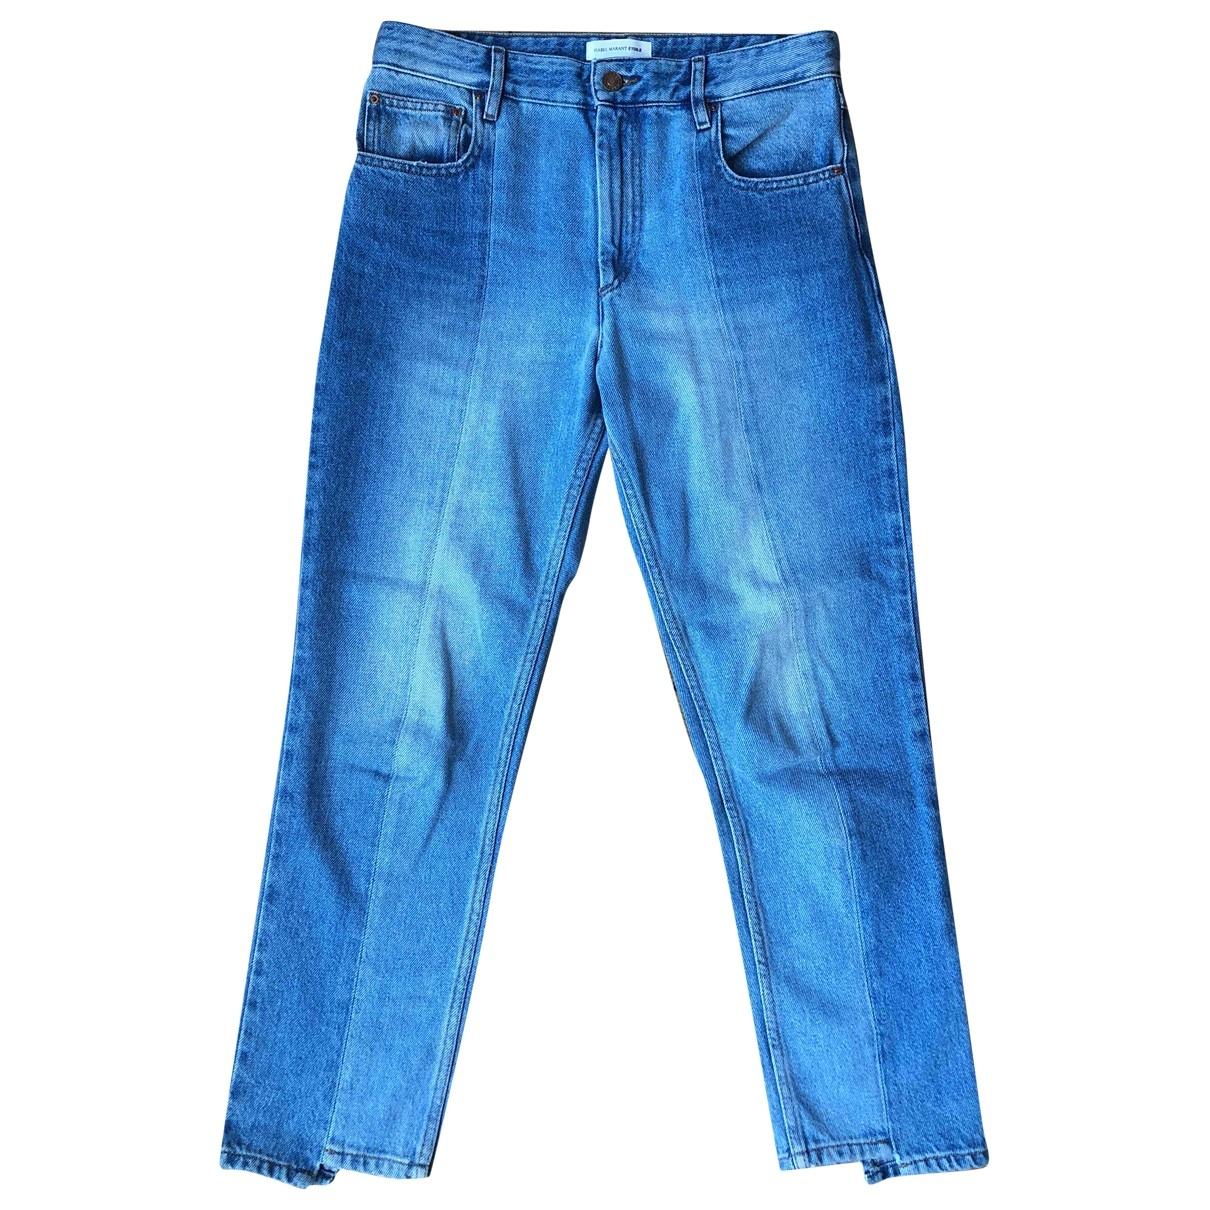 Isabel Marant Etoile \N Blue Denim - Jeans Trousers for Women 38 FR